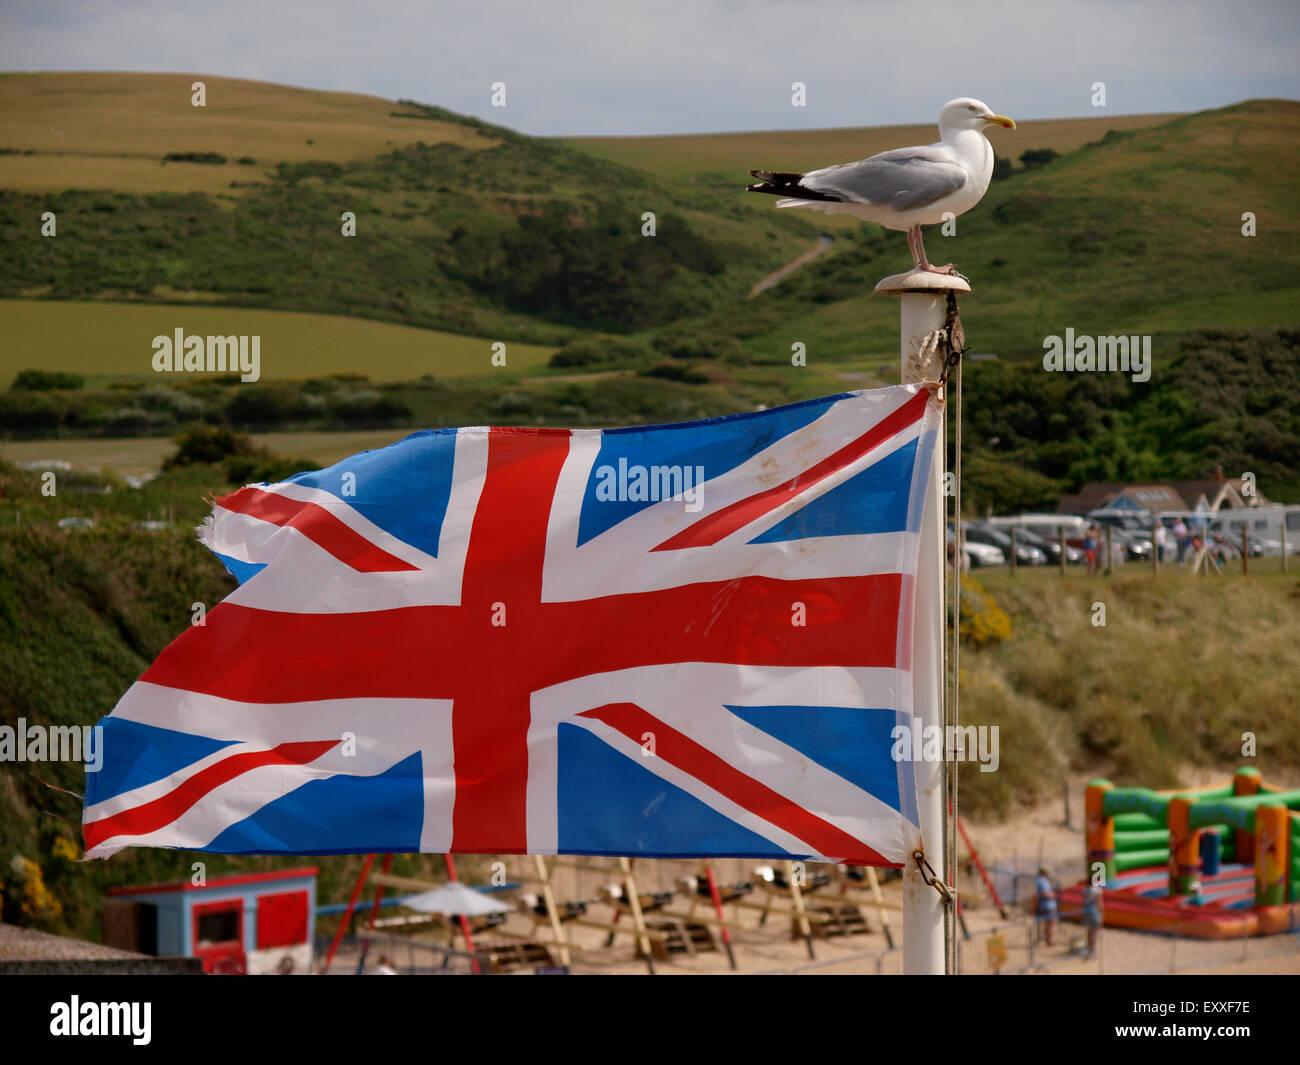 Herring gull on a flagpole flying a Union Jack Flag, Woolacombe, Devon, UK - Stock Image